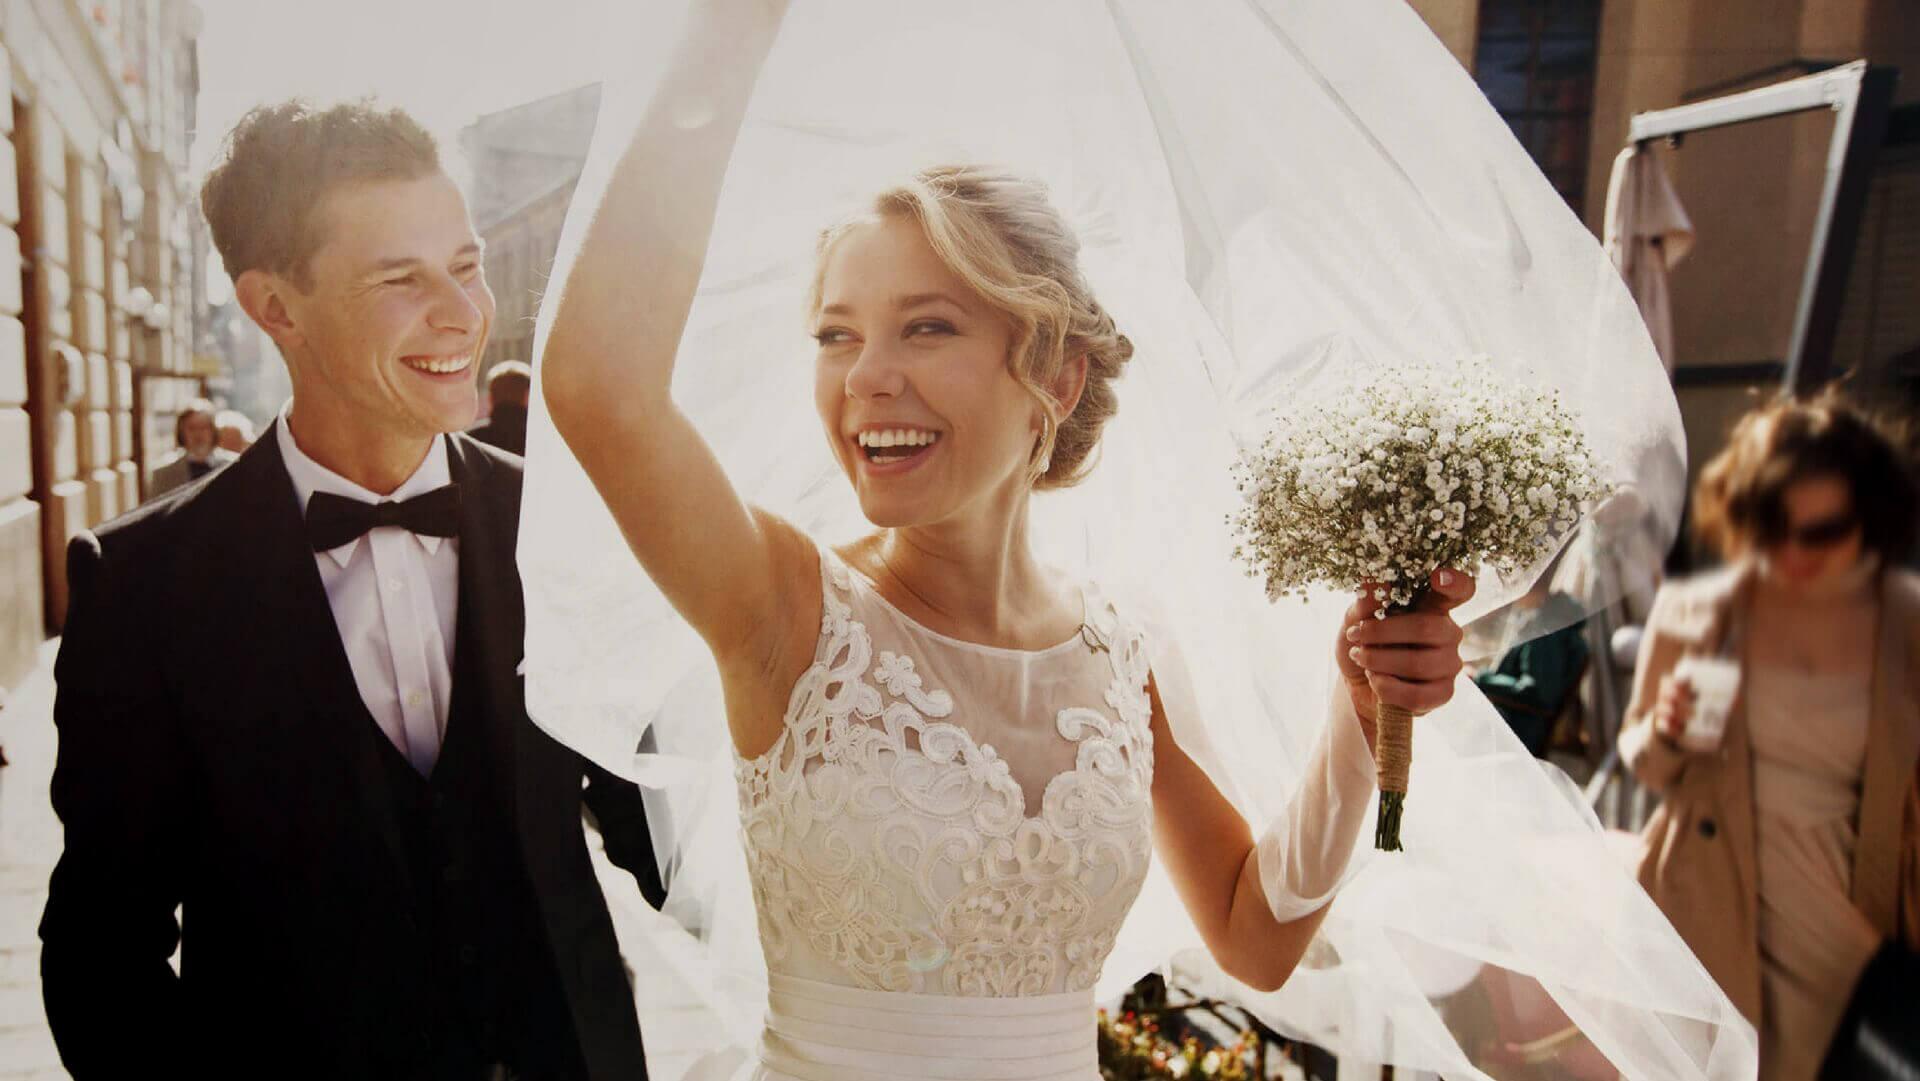 Prezent ślubny dla Pary Młodej - romantyczny, ekstremalny, z przygodą, ale zawsze we Dwoje